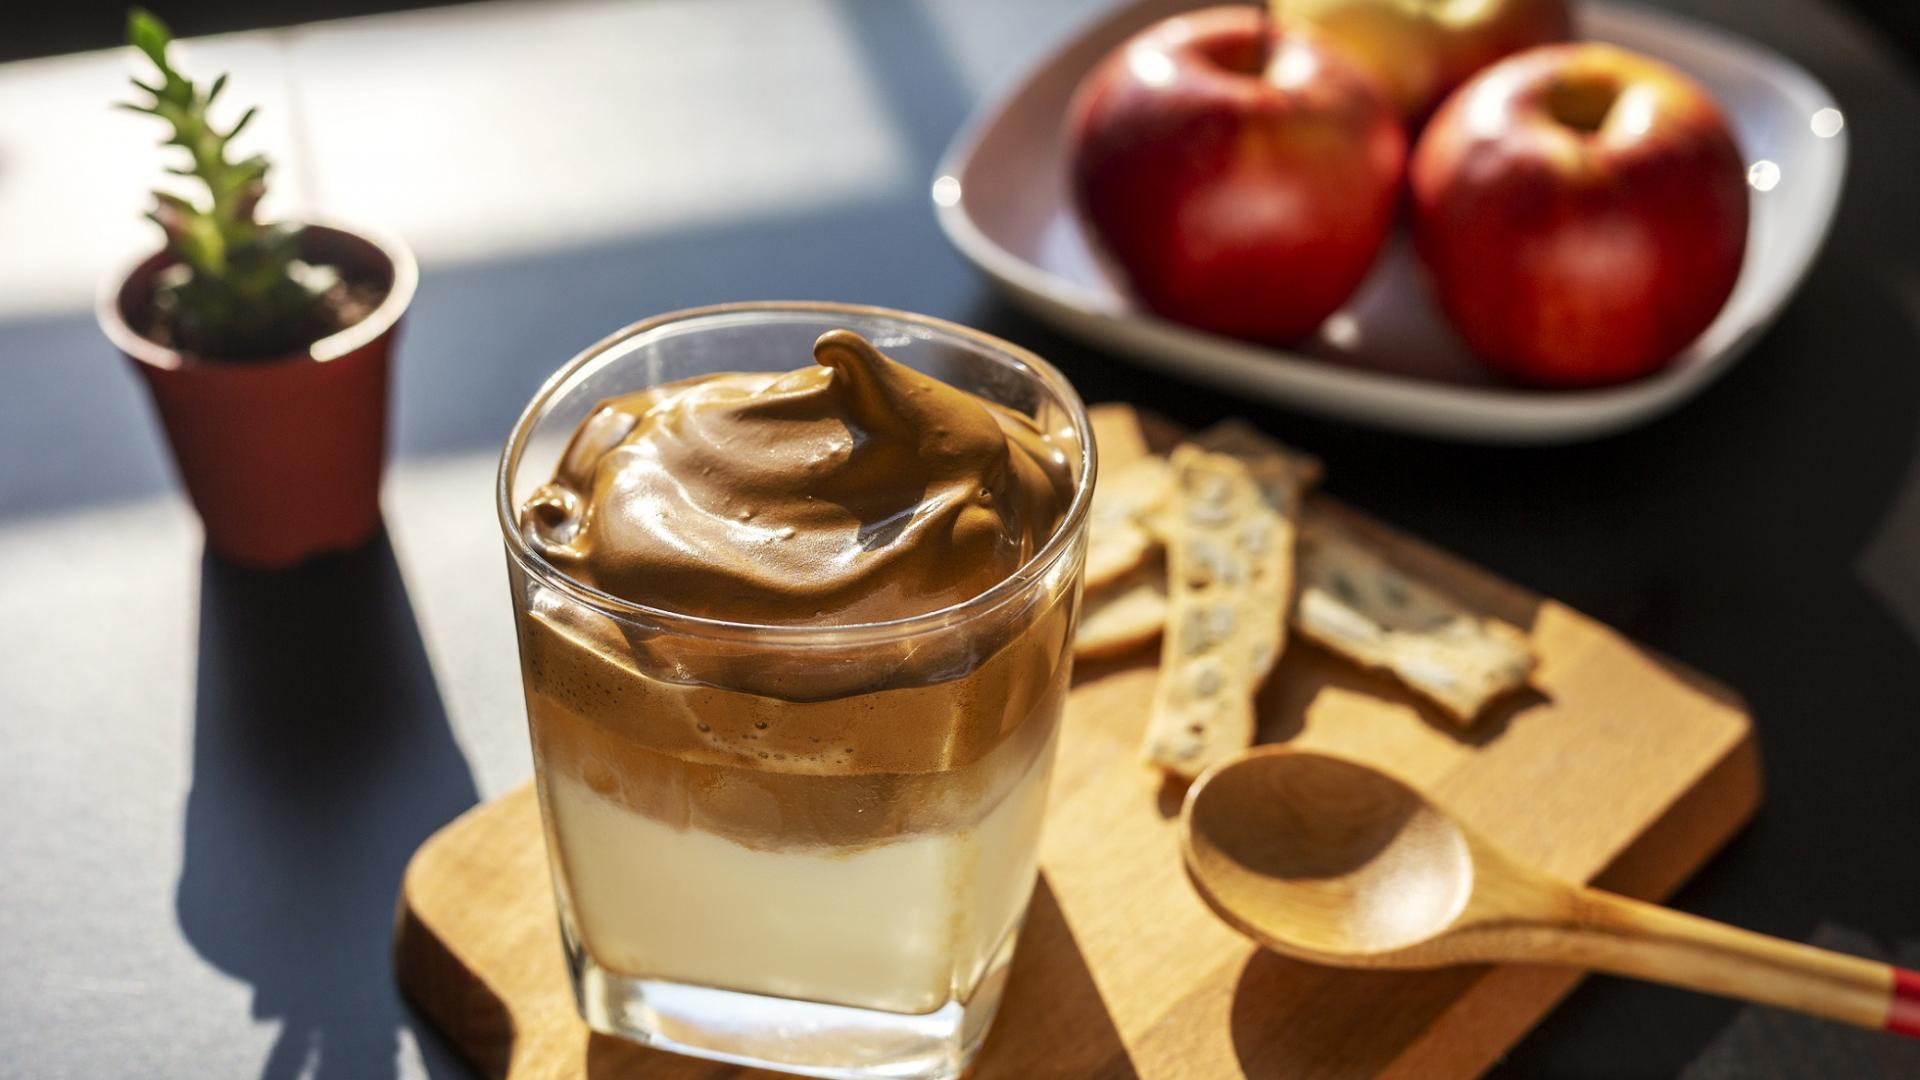 Dalgona Kaffe aus fluffiger Creme und Kaffee auf einem Holzbrett mit Löffel neben einer Schale mit Äpfeln